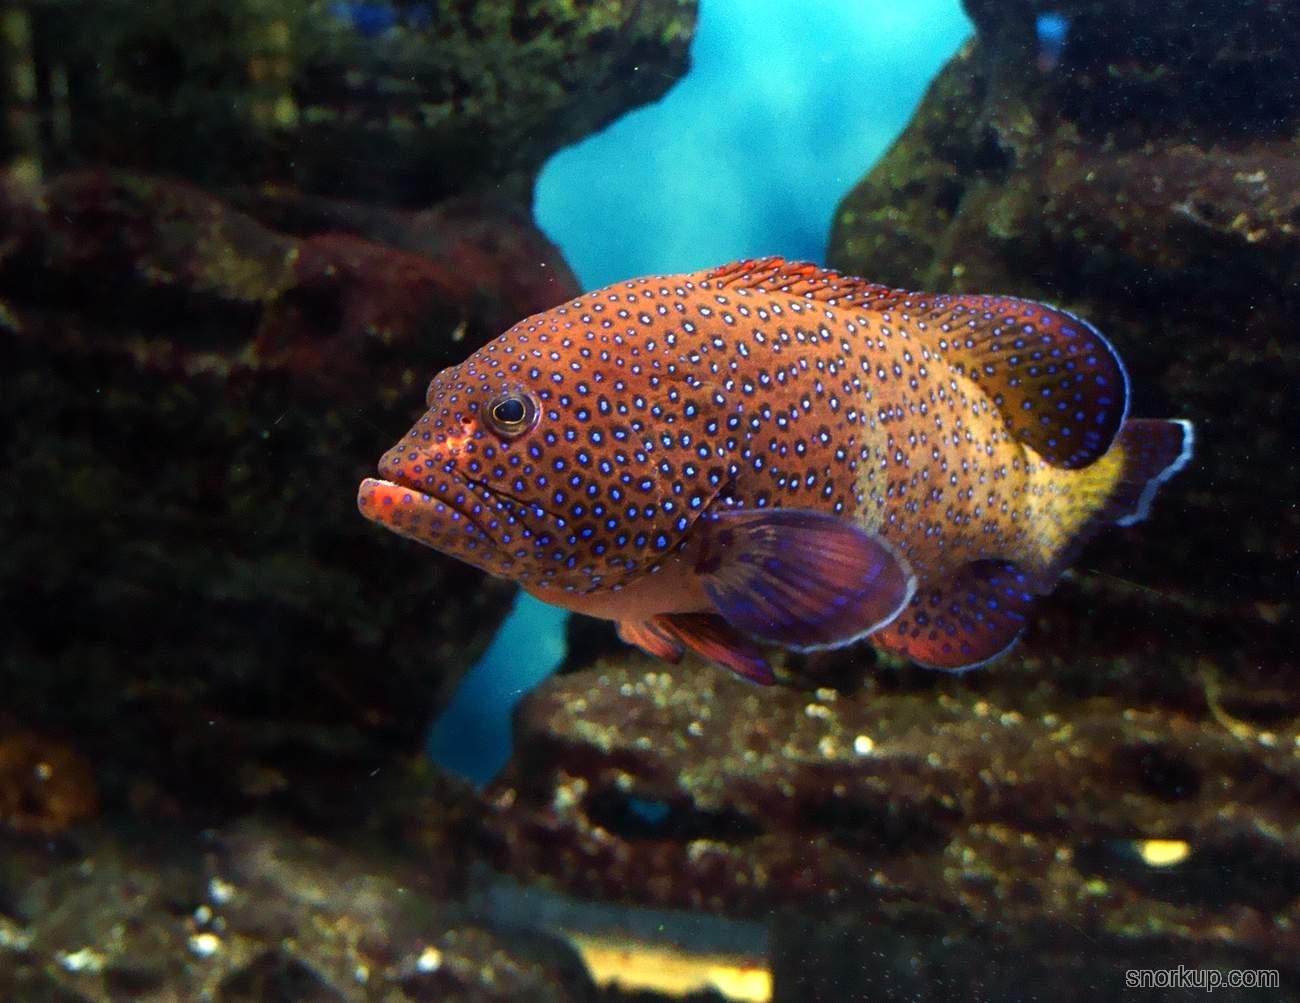 Павлинья гаррупа, Групер аргус - Cephalopholis argus - Peacock hind